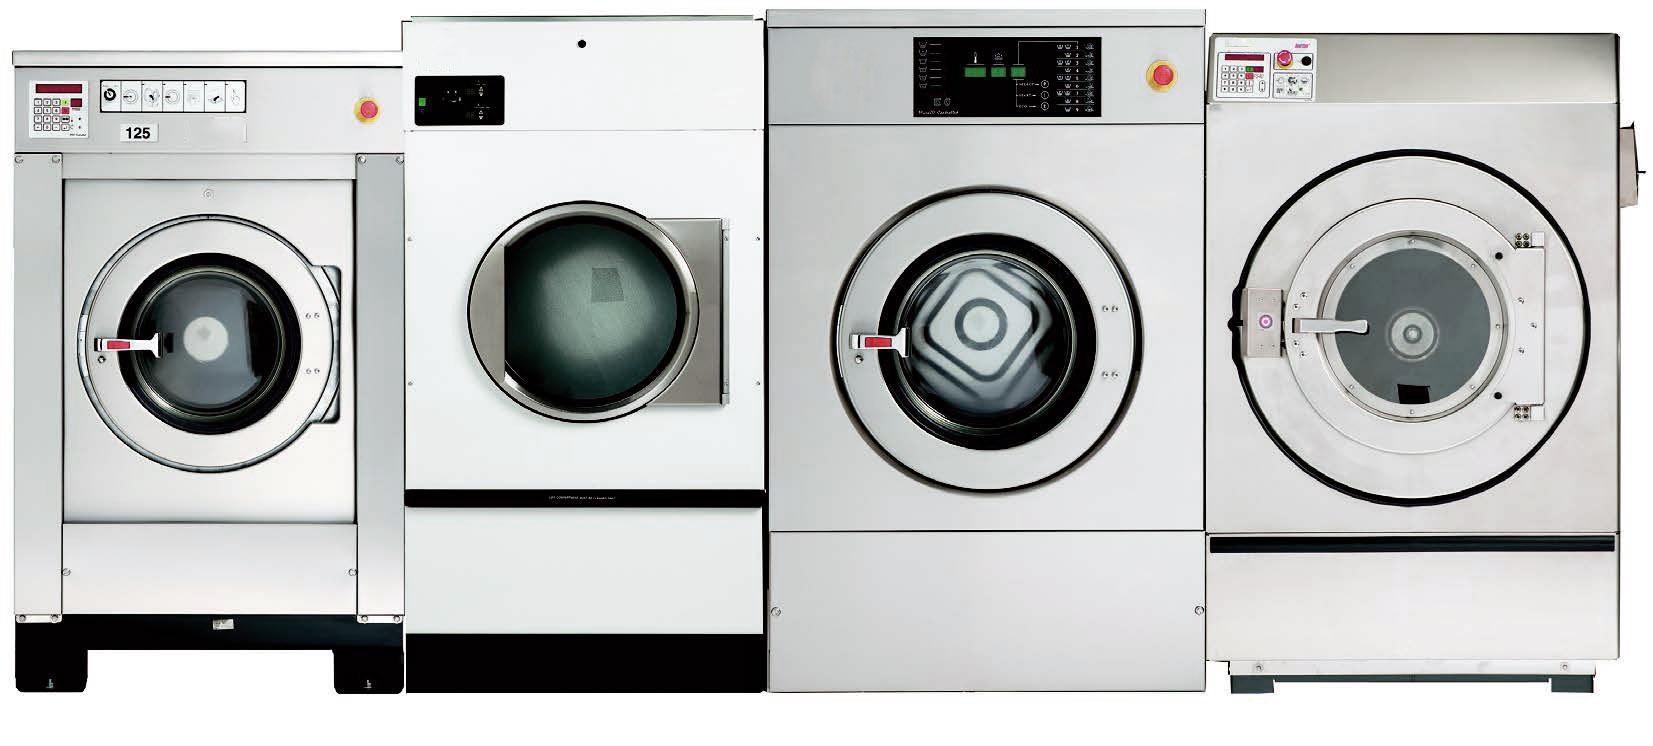 Bán máy sấy công nghiệp, máy giặt công nghiệp cũ